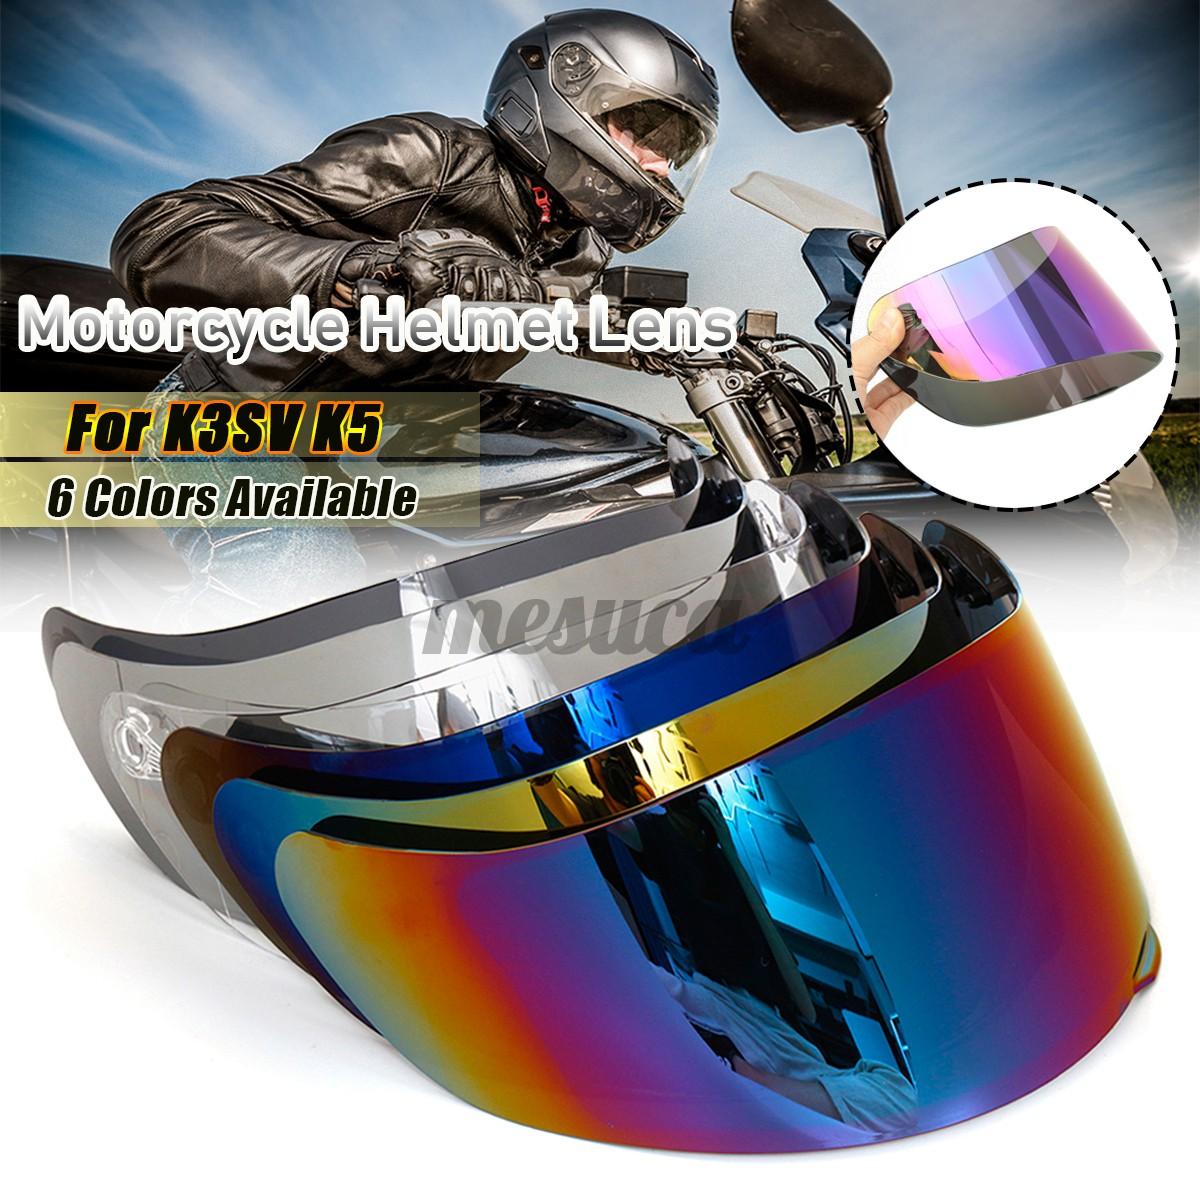 Luxury Motorcycle Motorcross Visor Helmet Lens Face Shield For Agv K3 Sv K5 Shopee Philippines